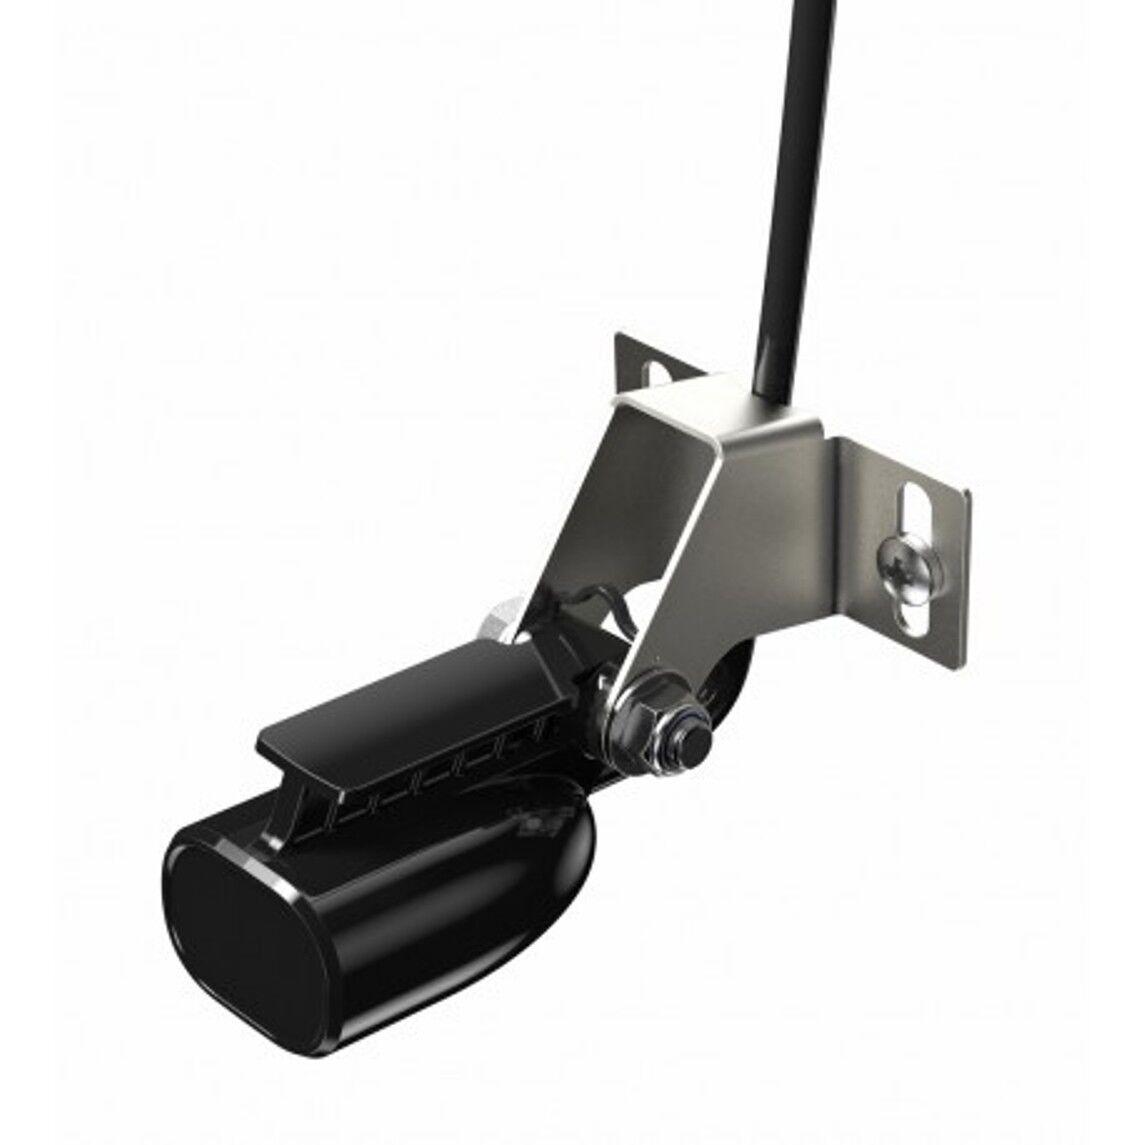 A0336 ECOSCANDAGLIO LOWRANCE HOOK2 4X GPS FISHFINDER CARPFISHING CARPFISHING FISHFINDER 200KHZ BULLET 4d62c4